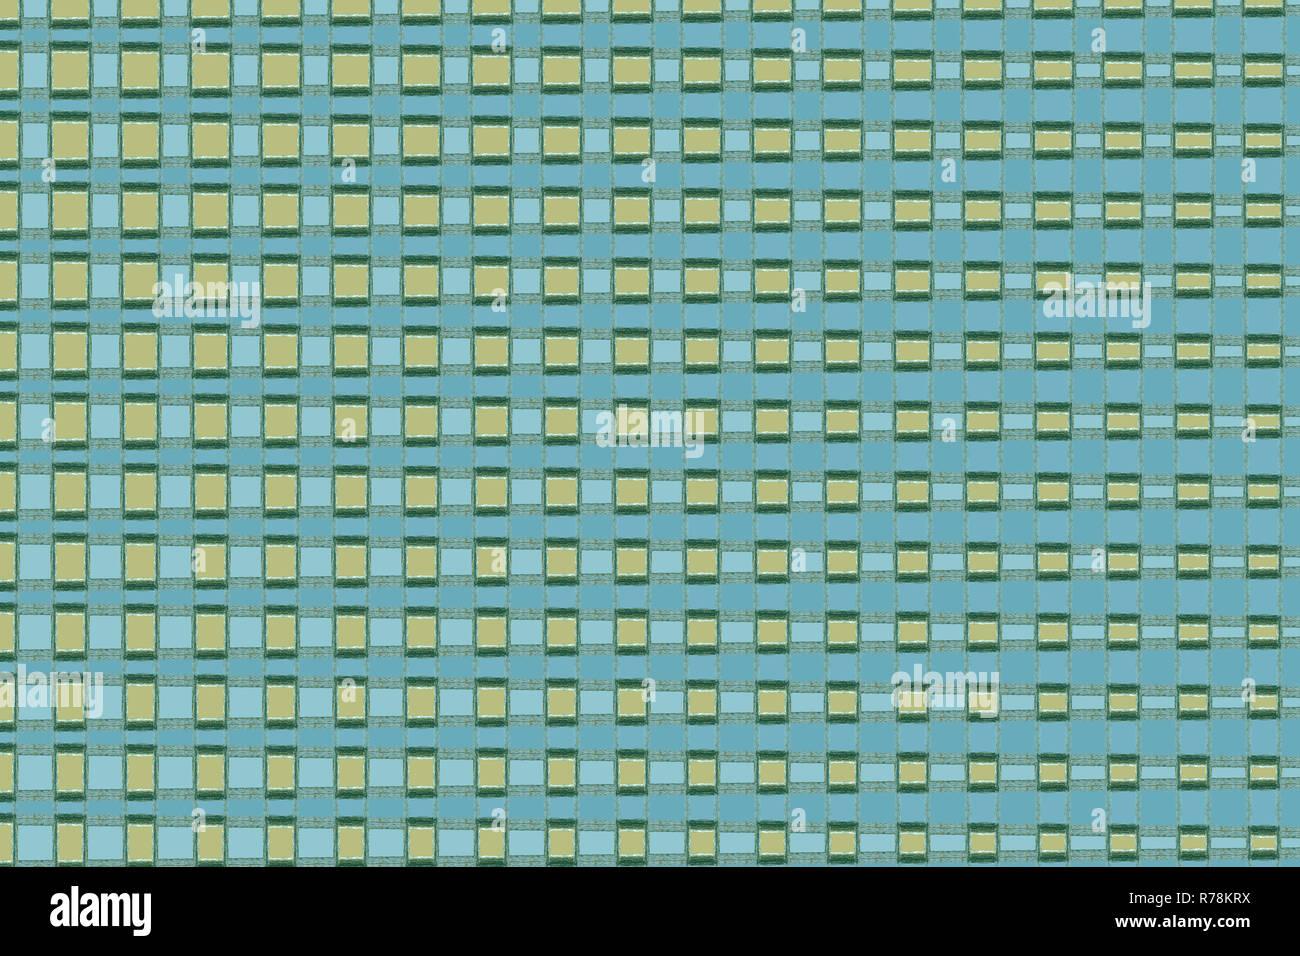 Le Carrelage Bleu Et Blanc Haute Resolution Mur Photo Reelle